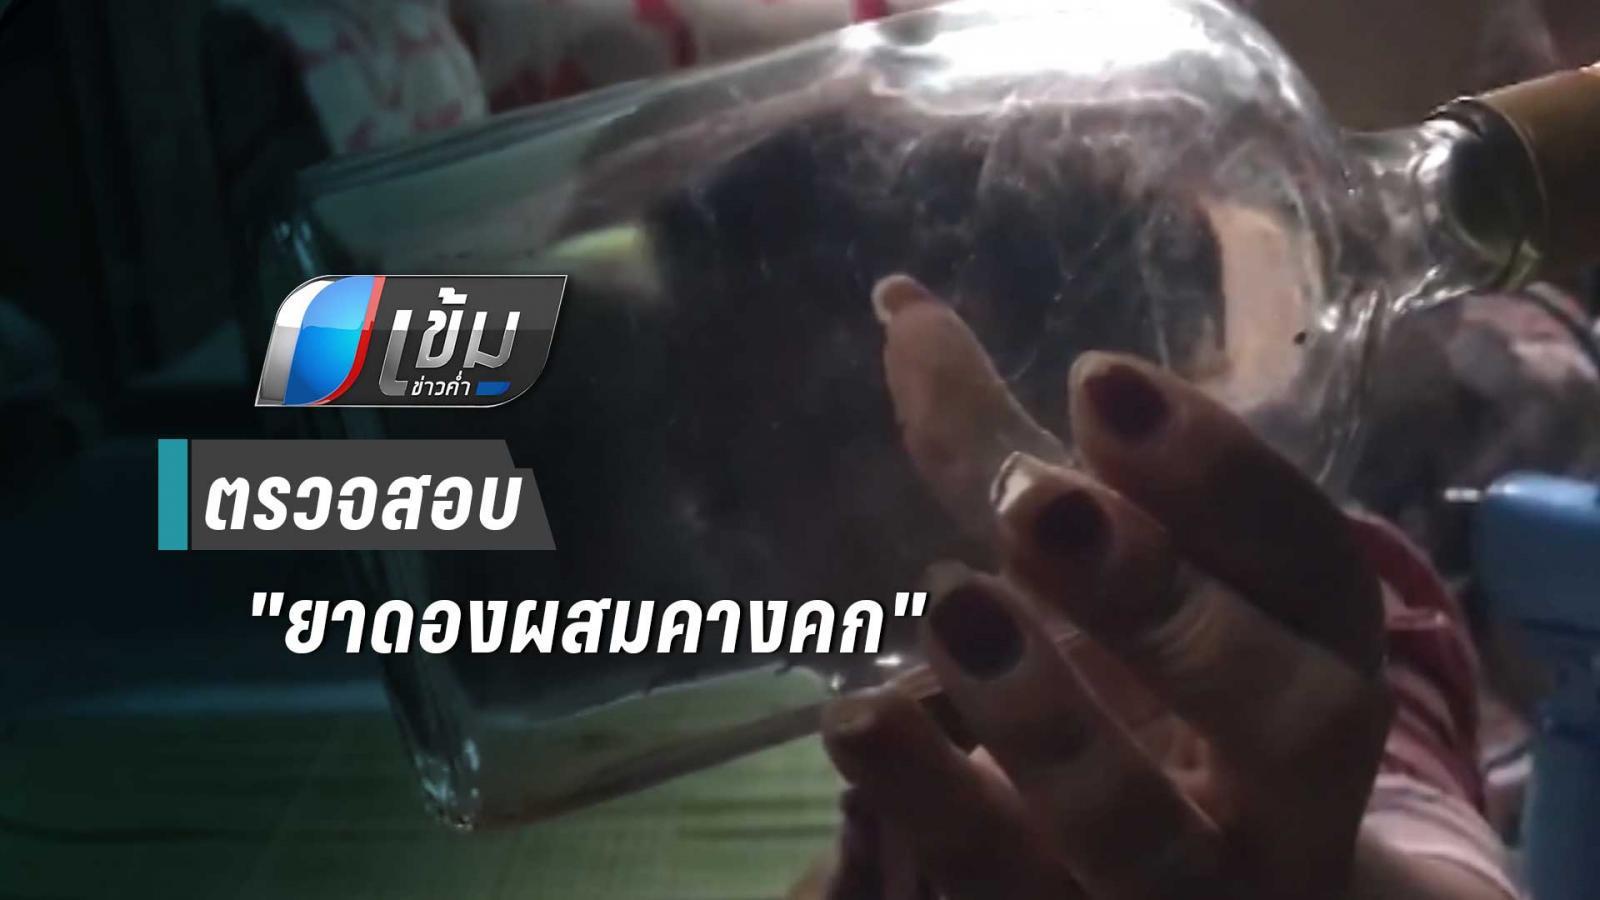 """สสจ.ชลบุรี ตรวจสอบ""""ยาดองผสมคางคก""""หลังดื่มเสียชีวิต 2 คน"""